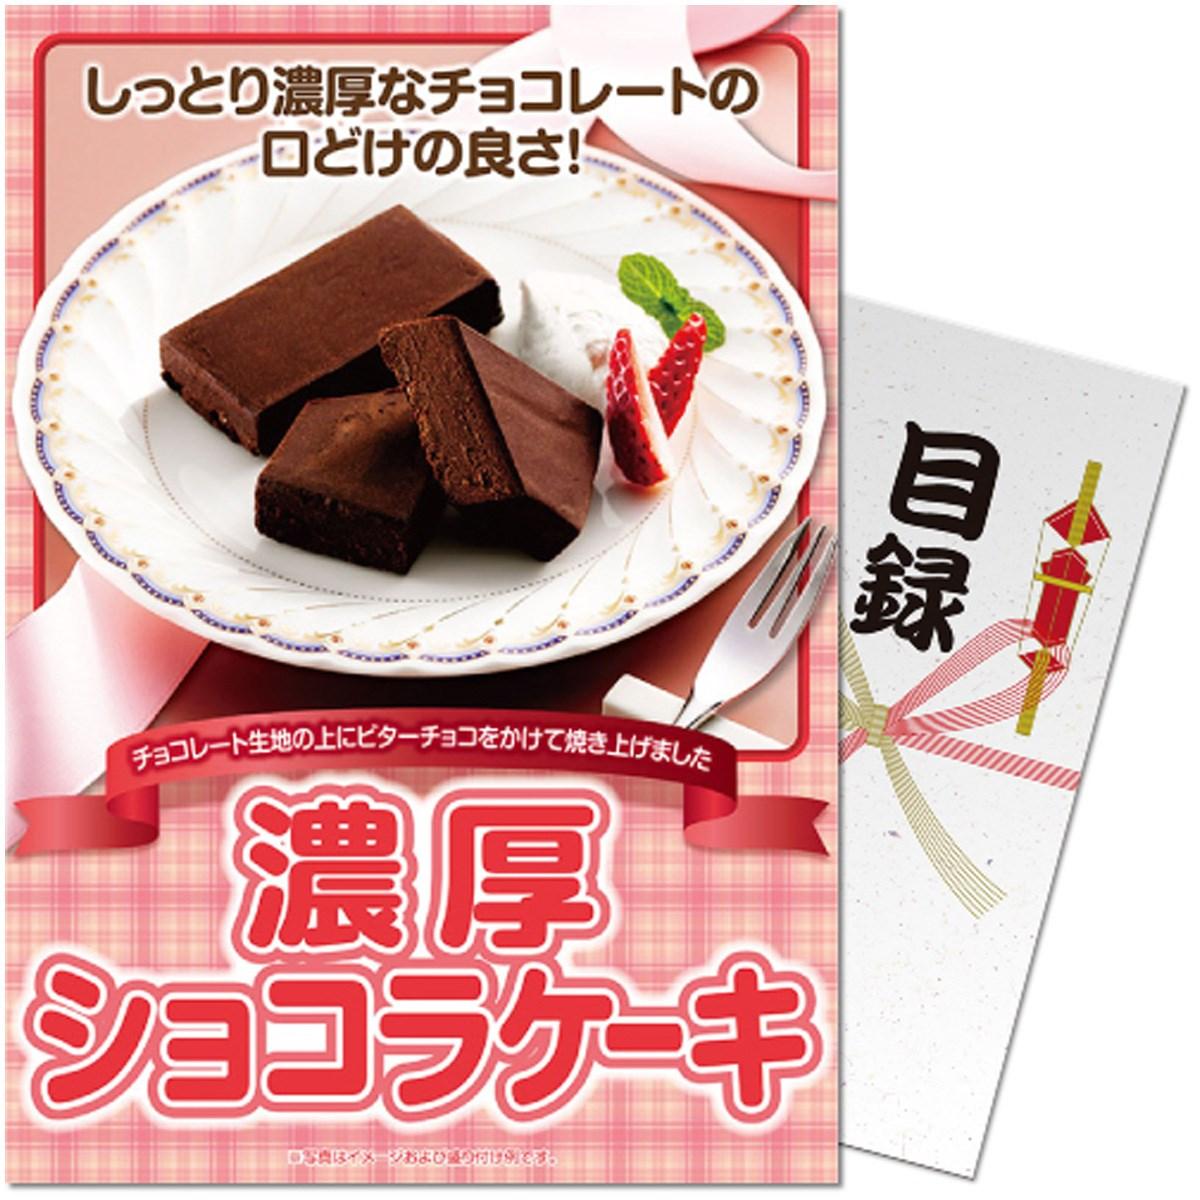 その他メーカー パネもく!濃厚ショコラケーキ 目録 A4パネル付き